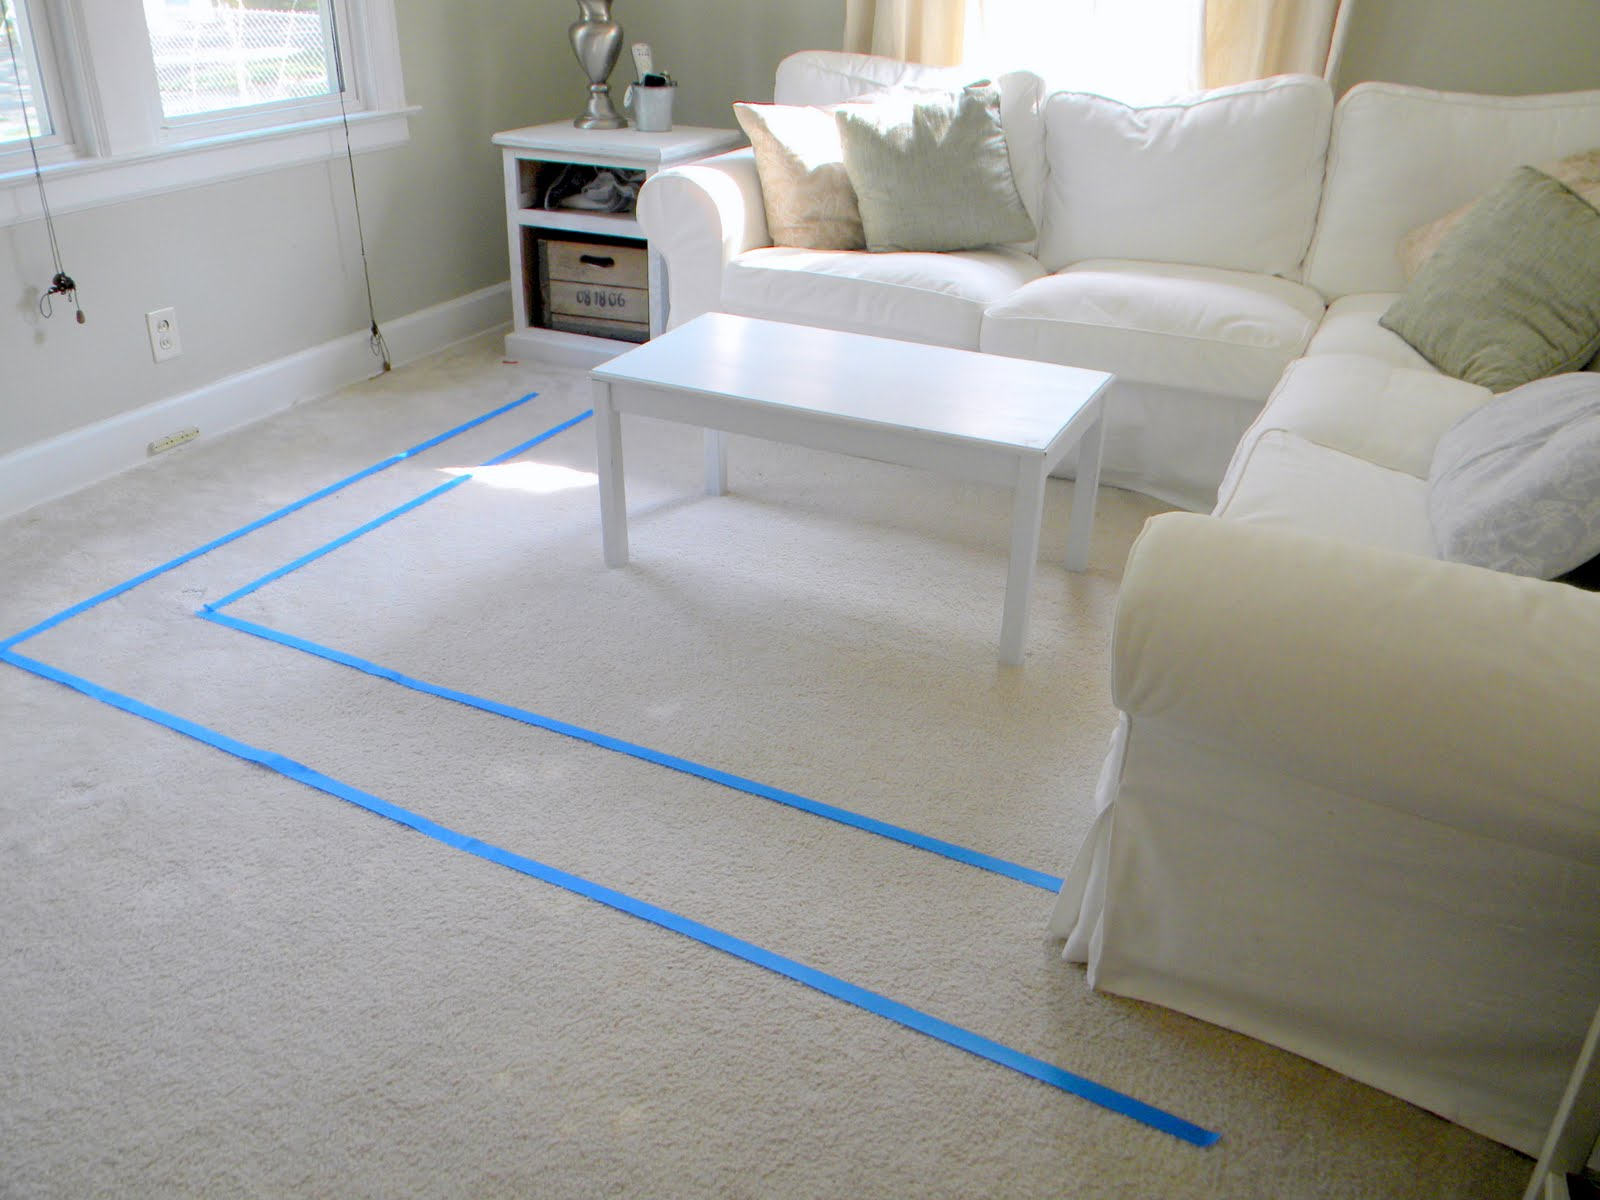 fingerprints on the fridge area rug dilema. Black Bedroom Furniture Sets. Home Design Ideas